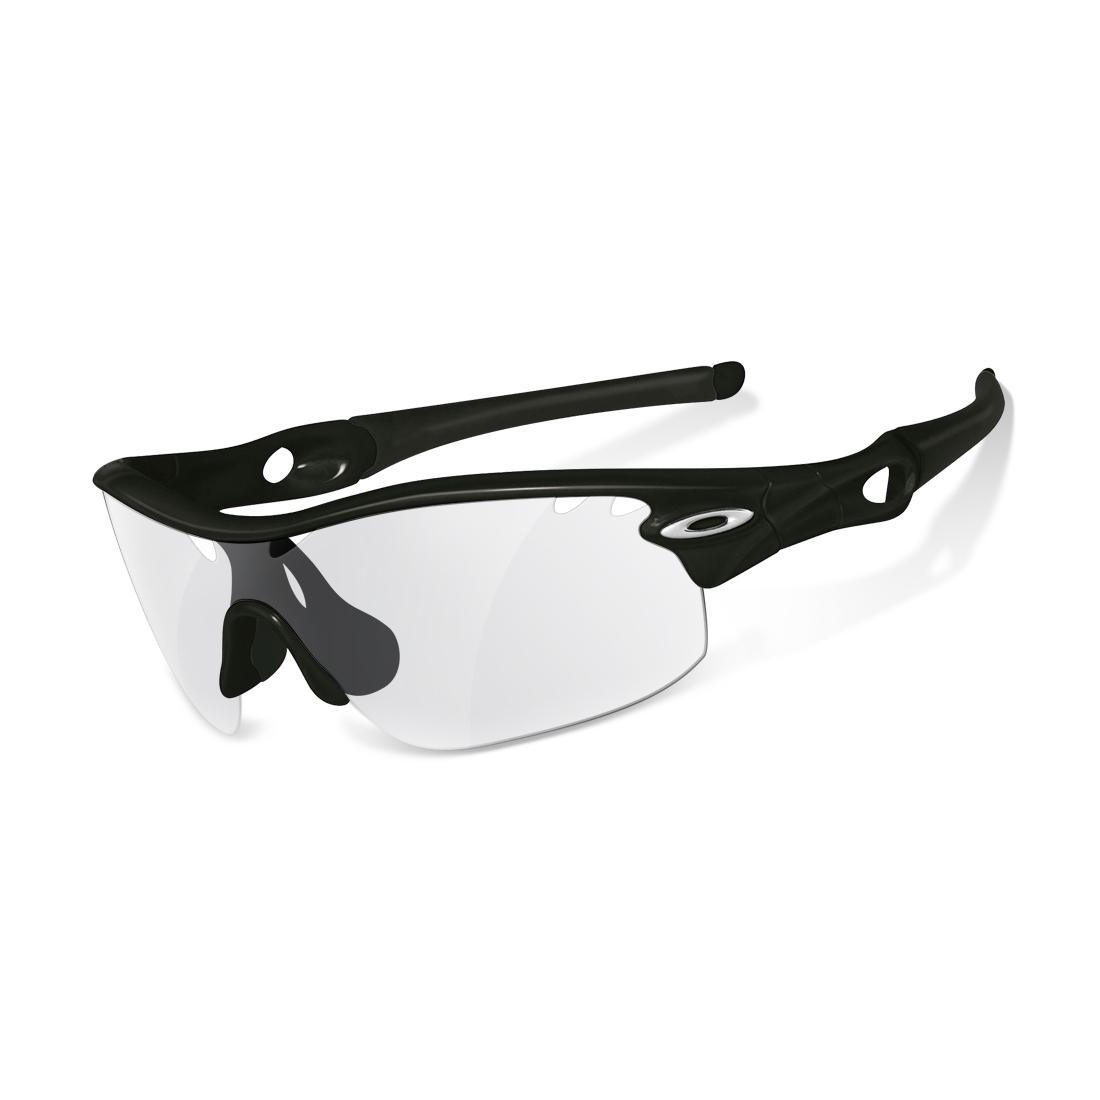 Es gibt eigentlich keine spezielle Laufbrille. [2018] ◁